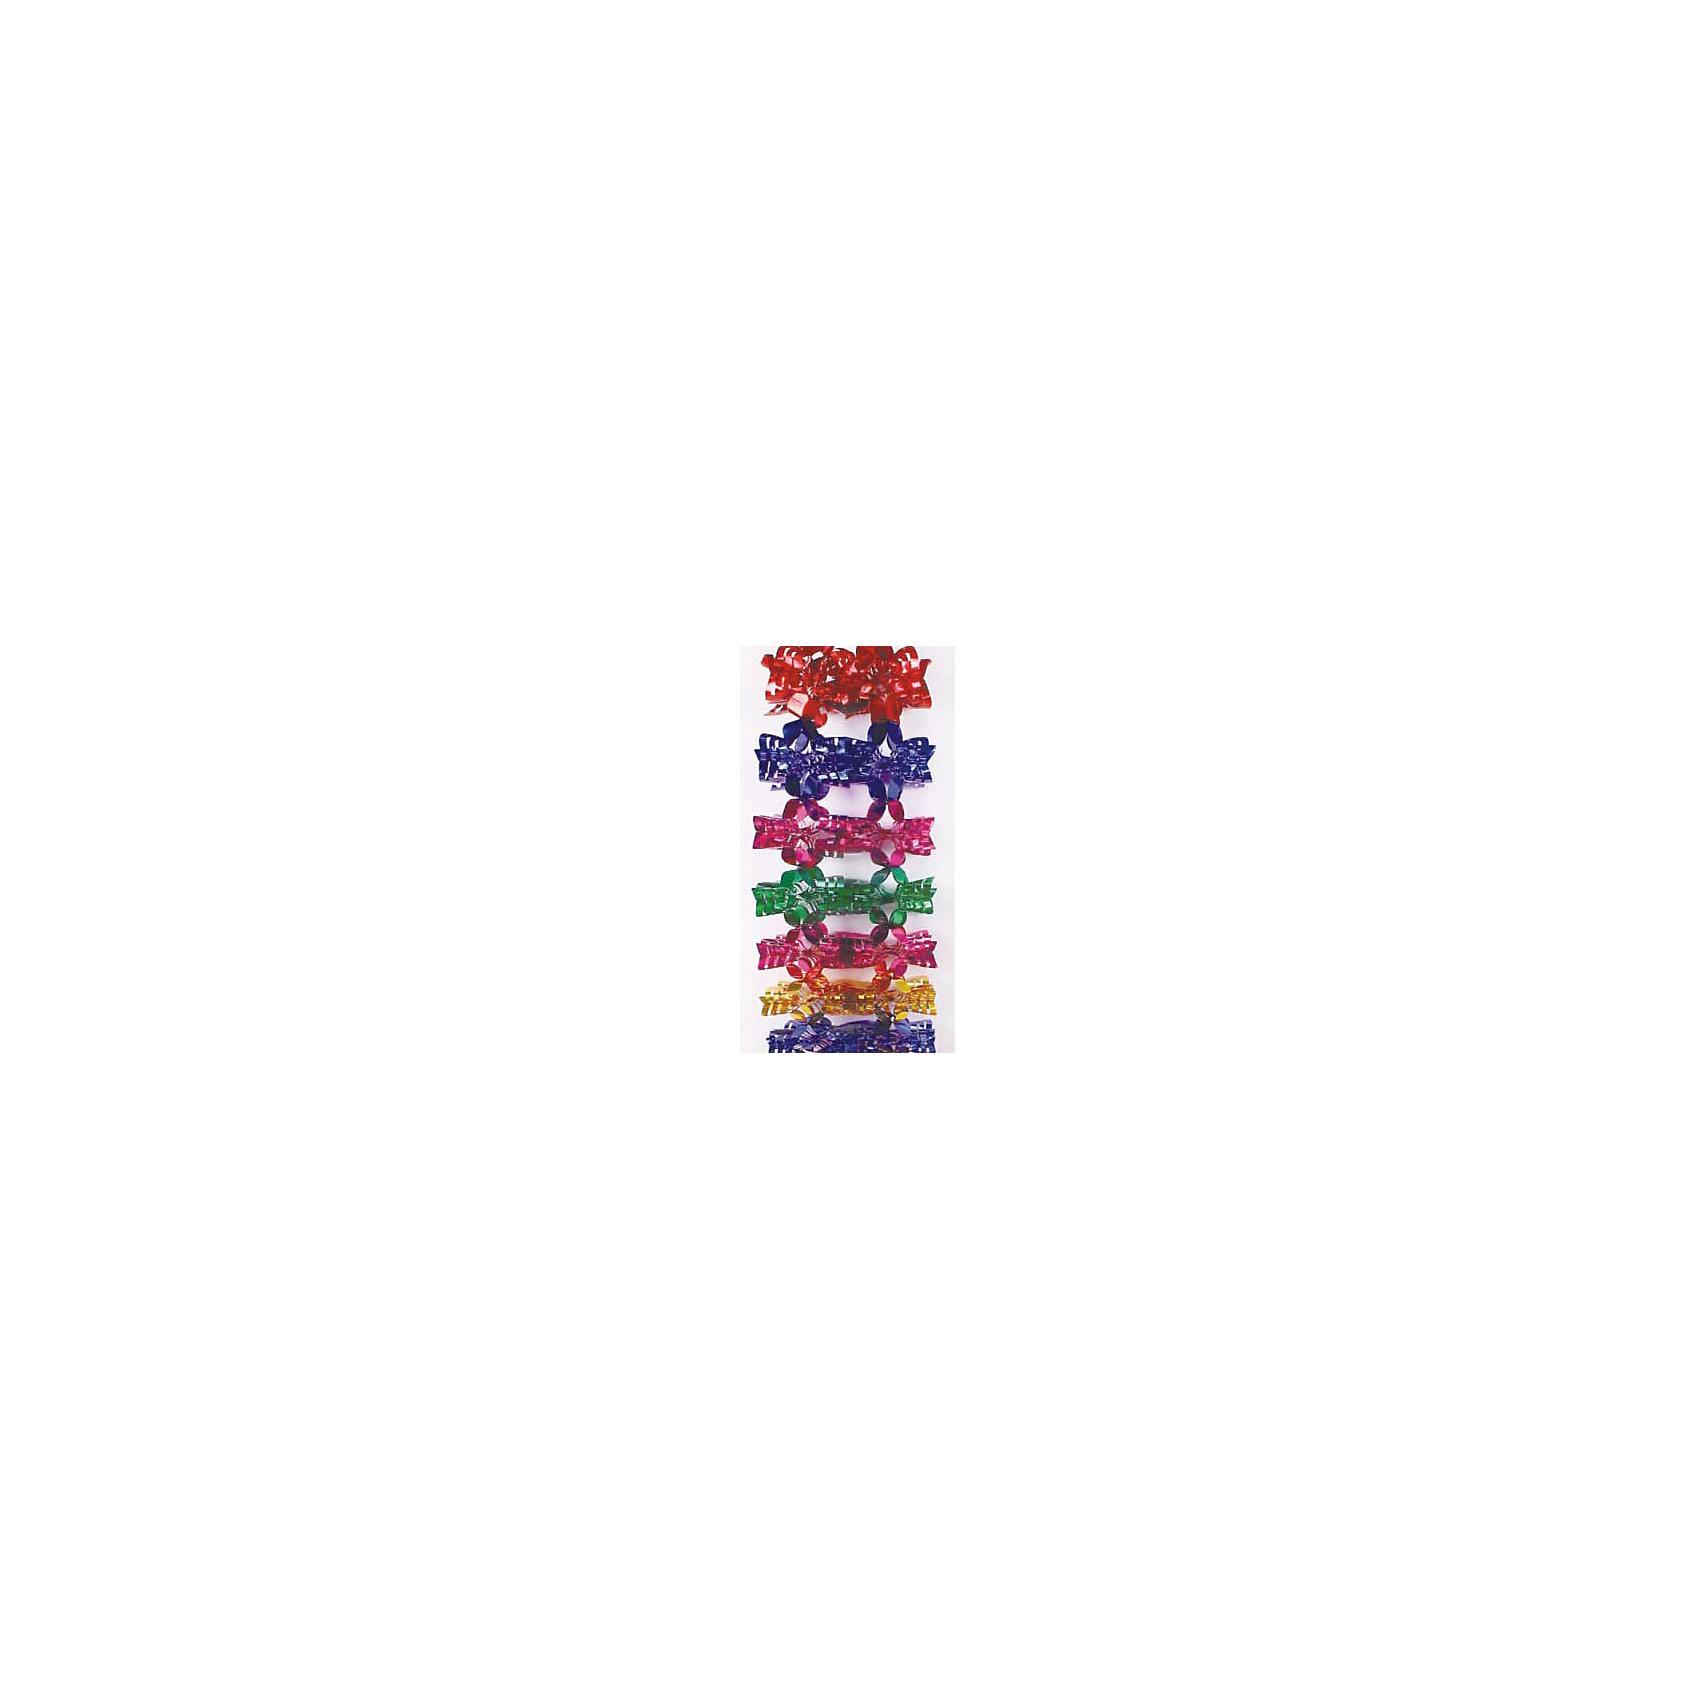 Разноцветная мишура 27*200 смНовинки Новый Год<br>Мишура, Феникс-Презент, станет замечательным украшением Вашей новогодней елки или интерьера и поможет создать праздничную волшебную атмосферу. Яркая мишура выполнена в форме гирлянды, состоящей из двух рядов разноцветных бантиков красивых переливающихся оттенков. Легко складывается и раскладывается. Мишура будет чудесно смотреться на елке и радовать детей и взрослых. <br><br><br>Дополнительная информация:<br><br>- Материал: ПВХ.<br>- Размер мишуры: 27 х 200 см.<br>- Размер упаковки: 31 х 28 х 2 см.<br>- Вес: 76 гр. <br><br>Мишуру 5*200 см., Феникс-Презент, можно купить в нашем интернет-магазине.<br><br>Ширина мм: 130<br>Глубина мм: 190<br>Высота мм: 190<br>Вес г: 76<br>Возраст от месяцев: 36<br>Возраст до месяцев: 2147483647<br>Пол: Унисекс<br>Возраст: Детский<br>SKU: 4274676